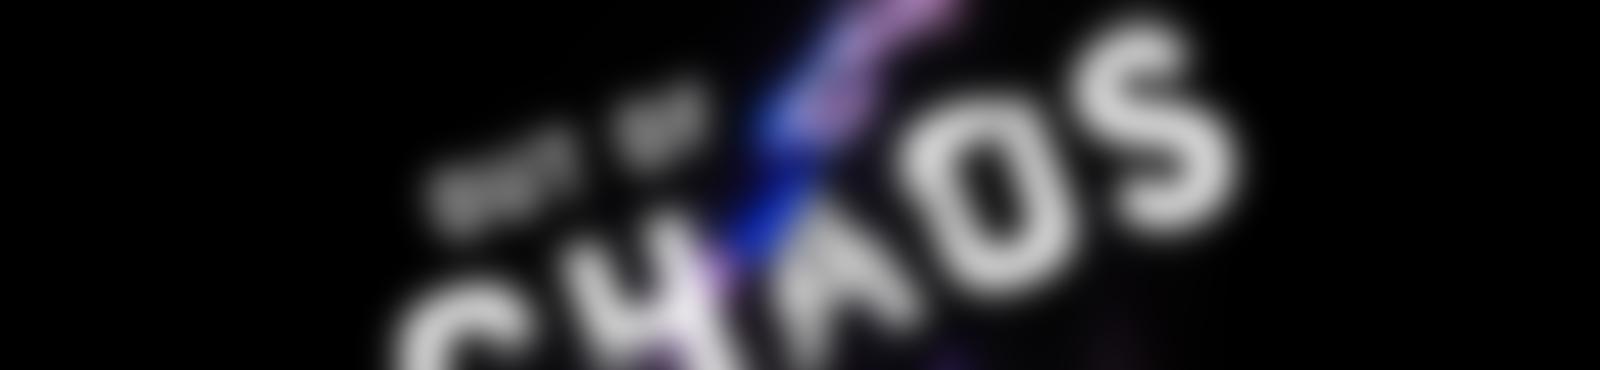 Blurred bca5cb58 74c2 4478 ab4c 605a66d34389